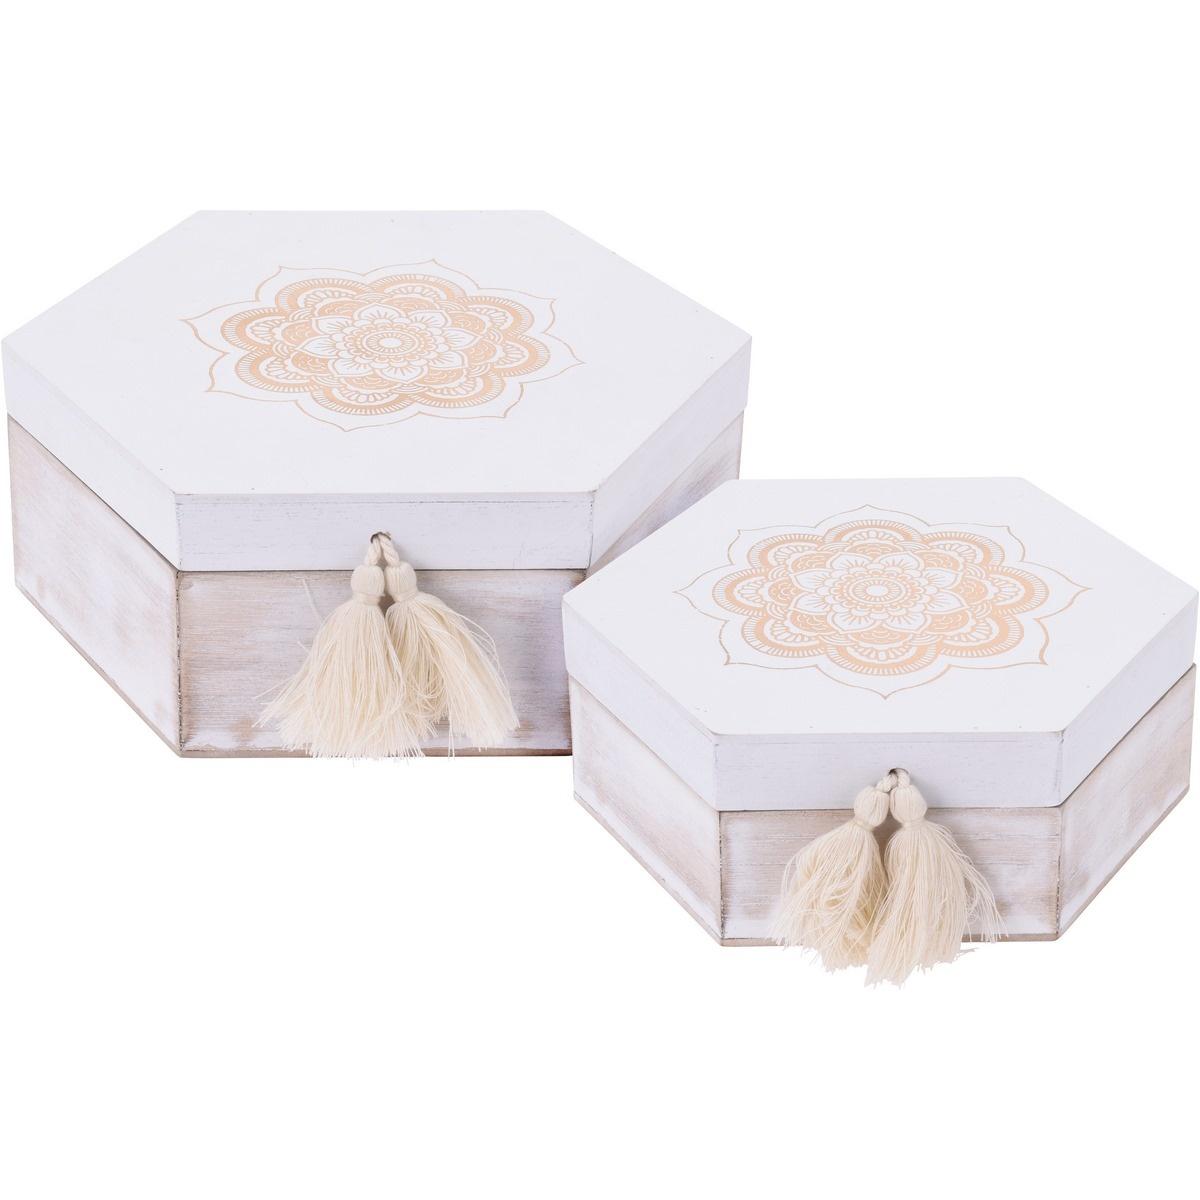 Sada dekoračných boxov Ornamento hexagon, 2 ks